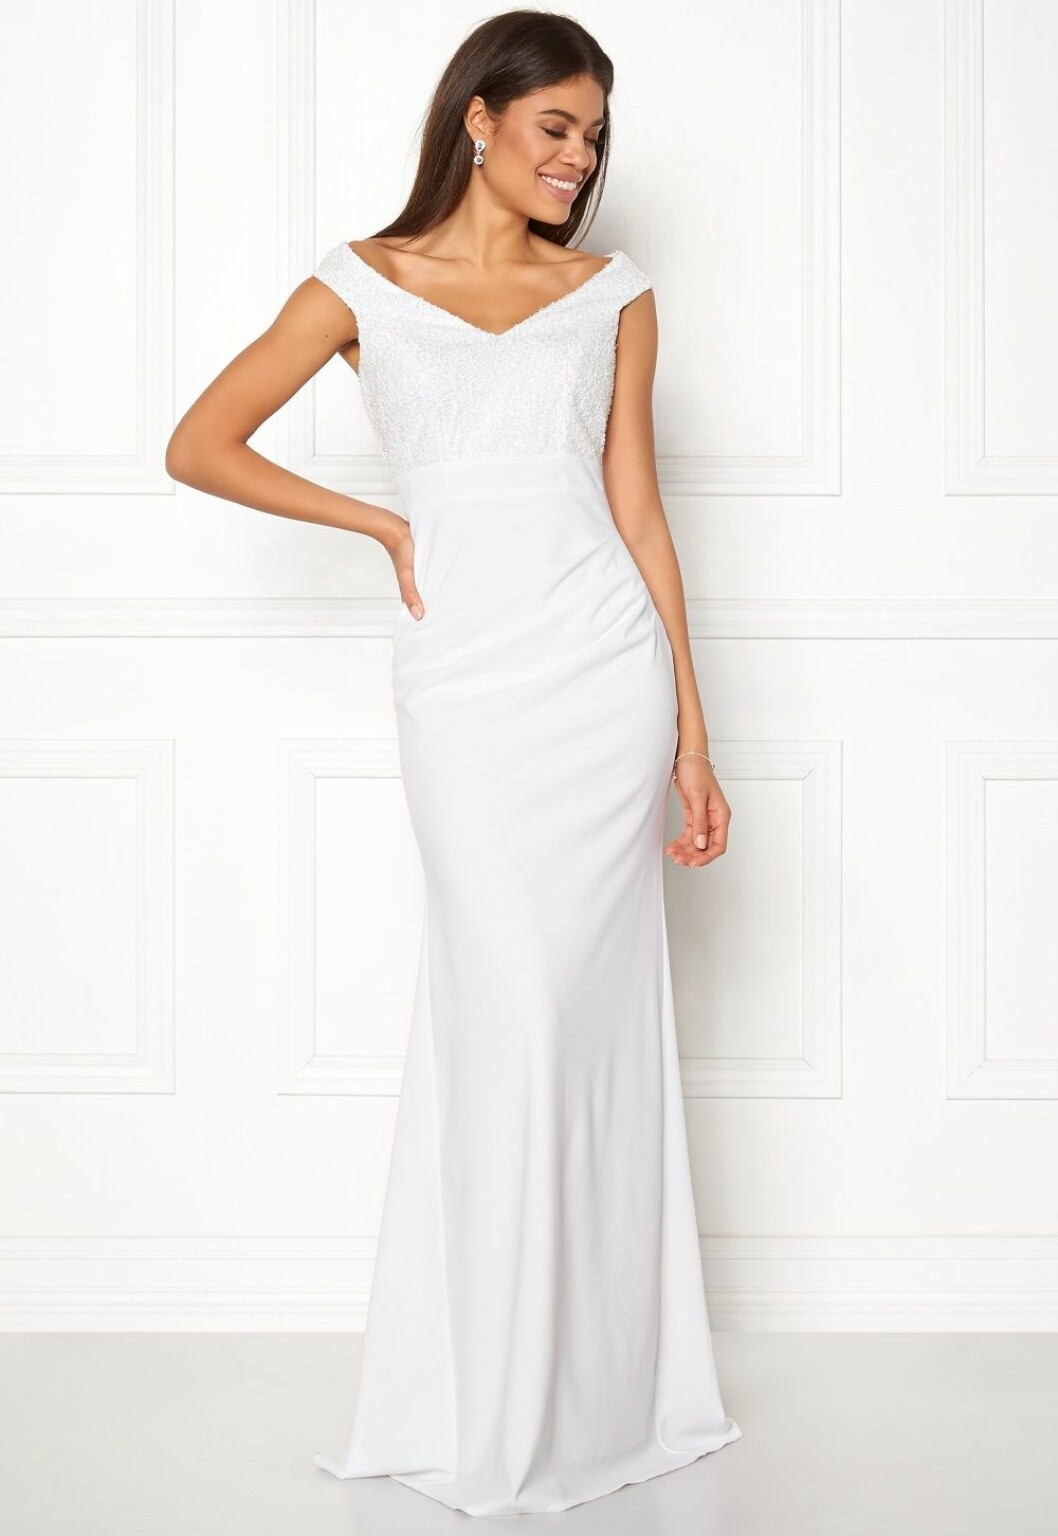 Billig bröllopsklänning med strass till 2019